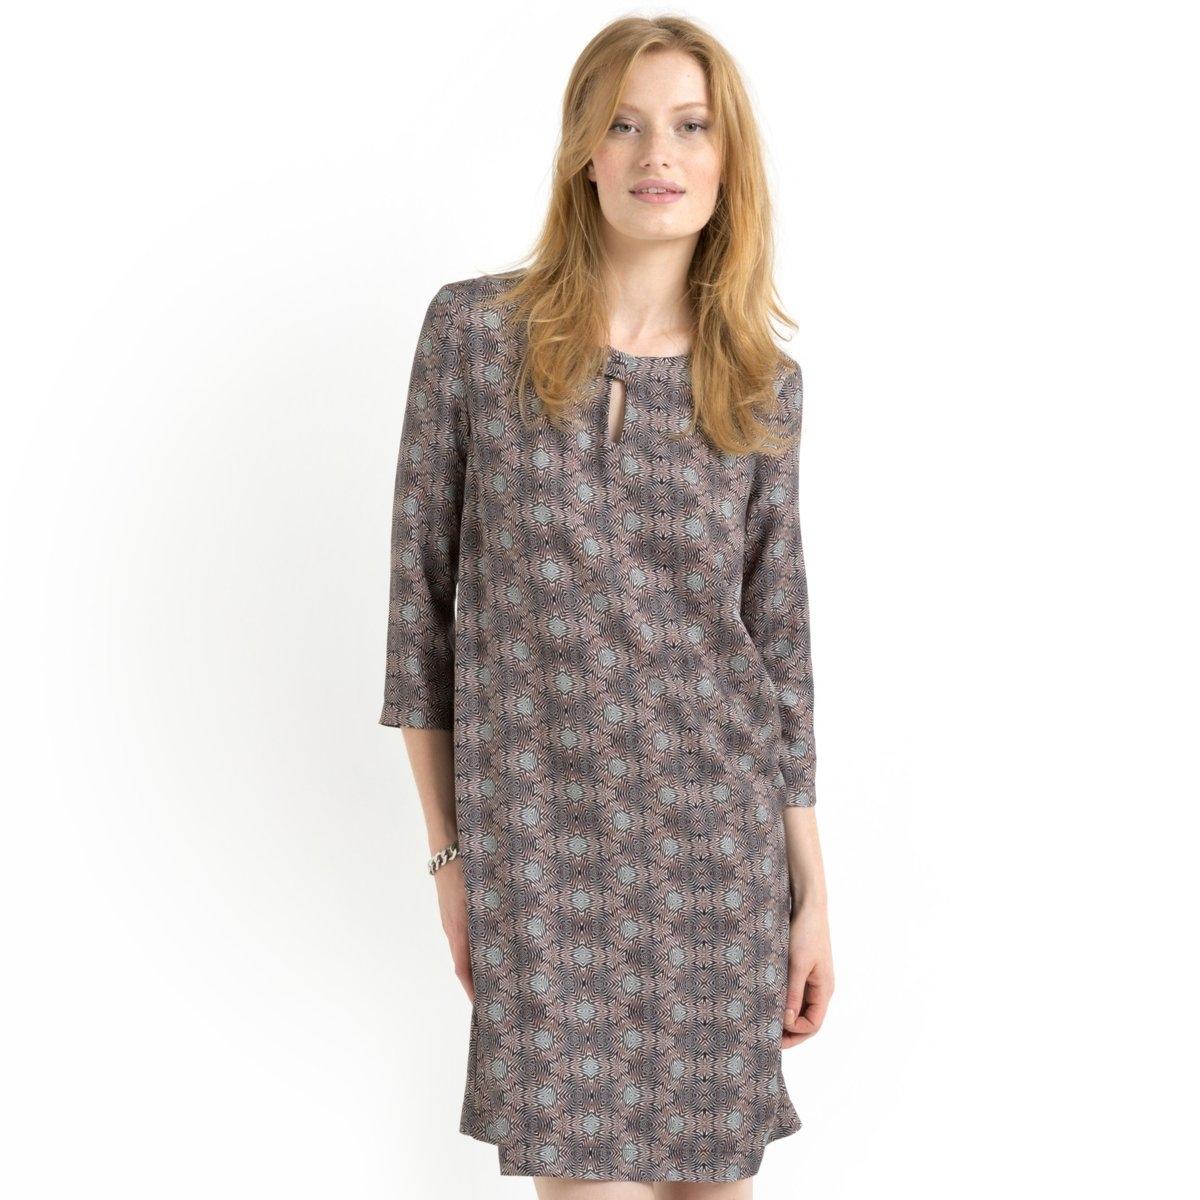 Платье прямое с рисункомПлатье из 100% вискозы. Круглый вырез с застежкой на металлическую пуговицу. Рукава 3/4. Длина 90 см.<br><br>Цвет: набивной рисунок<br>Размер: 38 (FR) - 44 (RUS).40 (FR) - 46 (RUS)